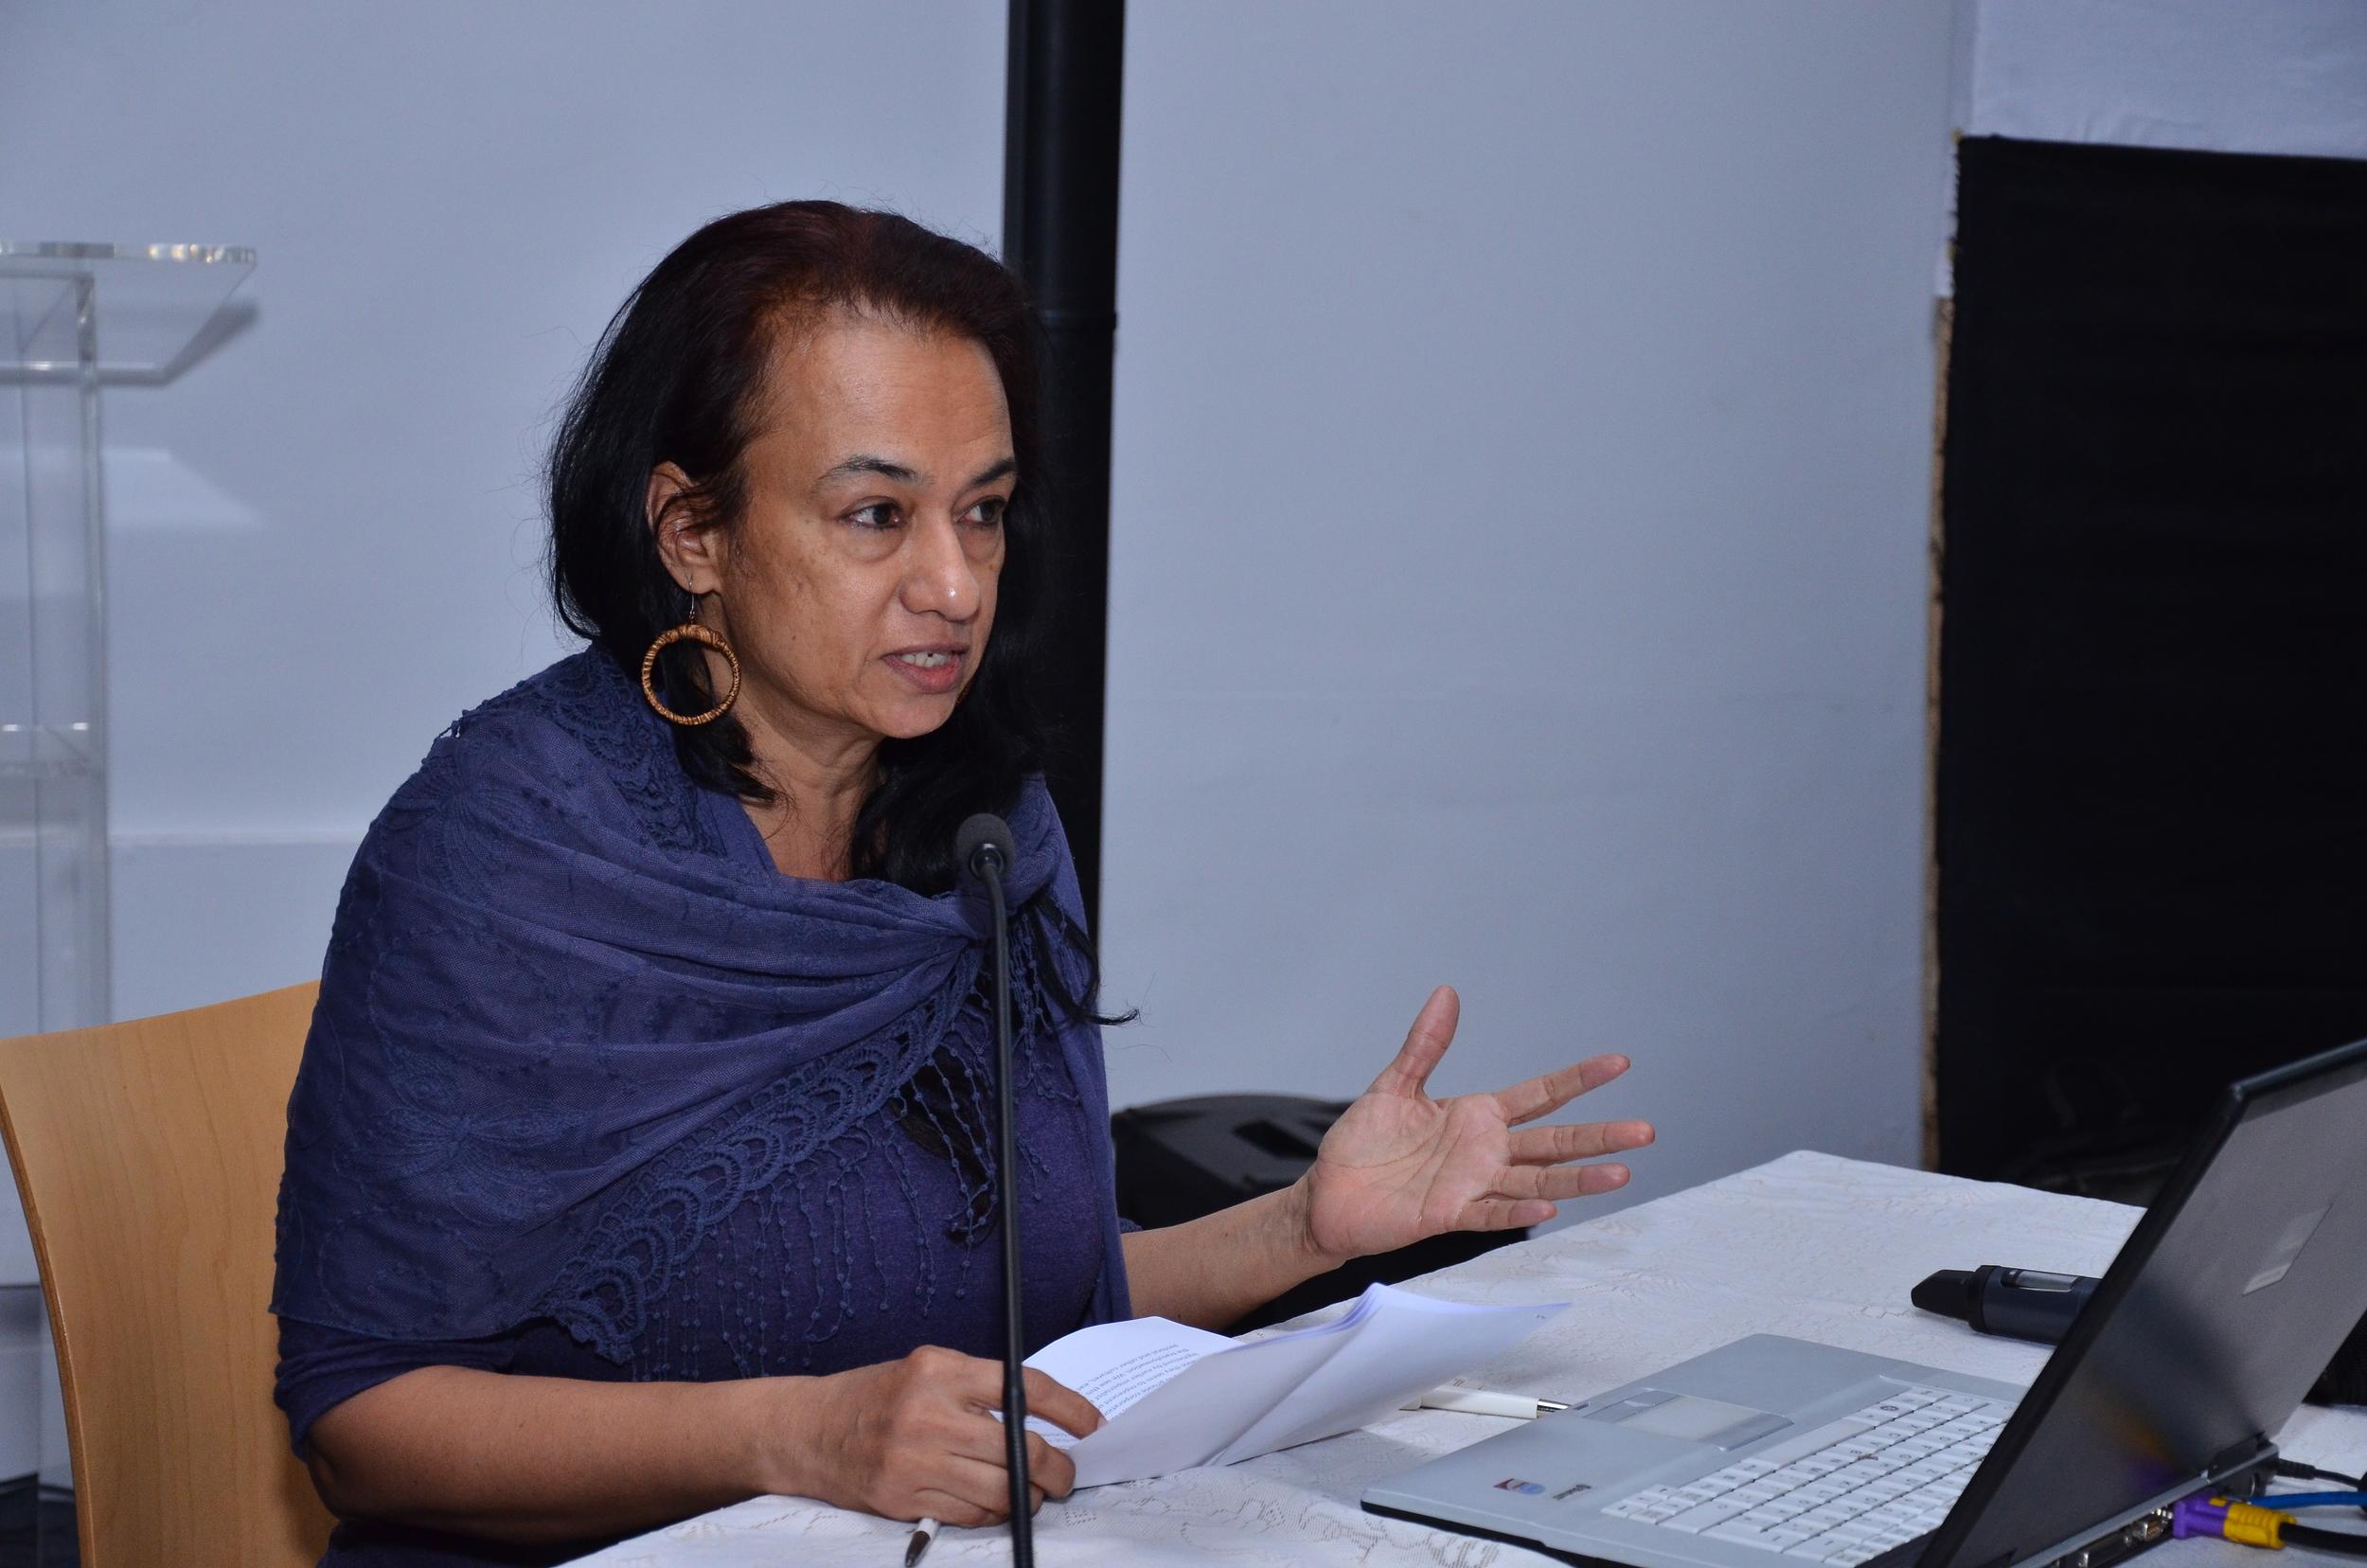 Panel 1: Speaker: Vasudha Thozhur